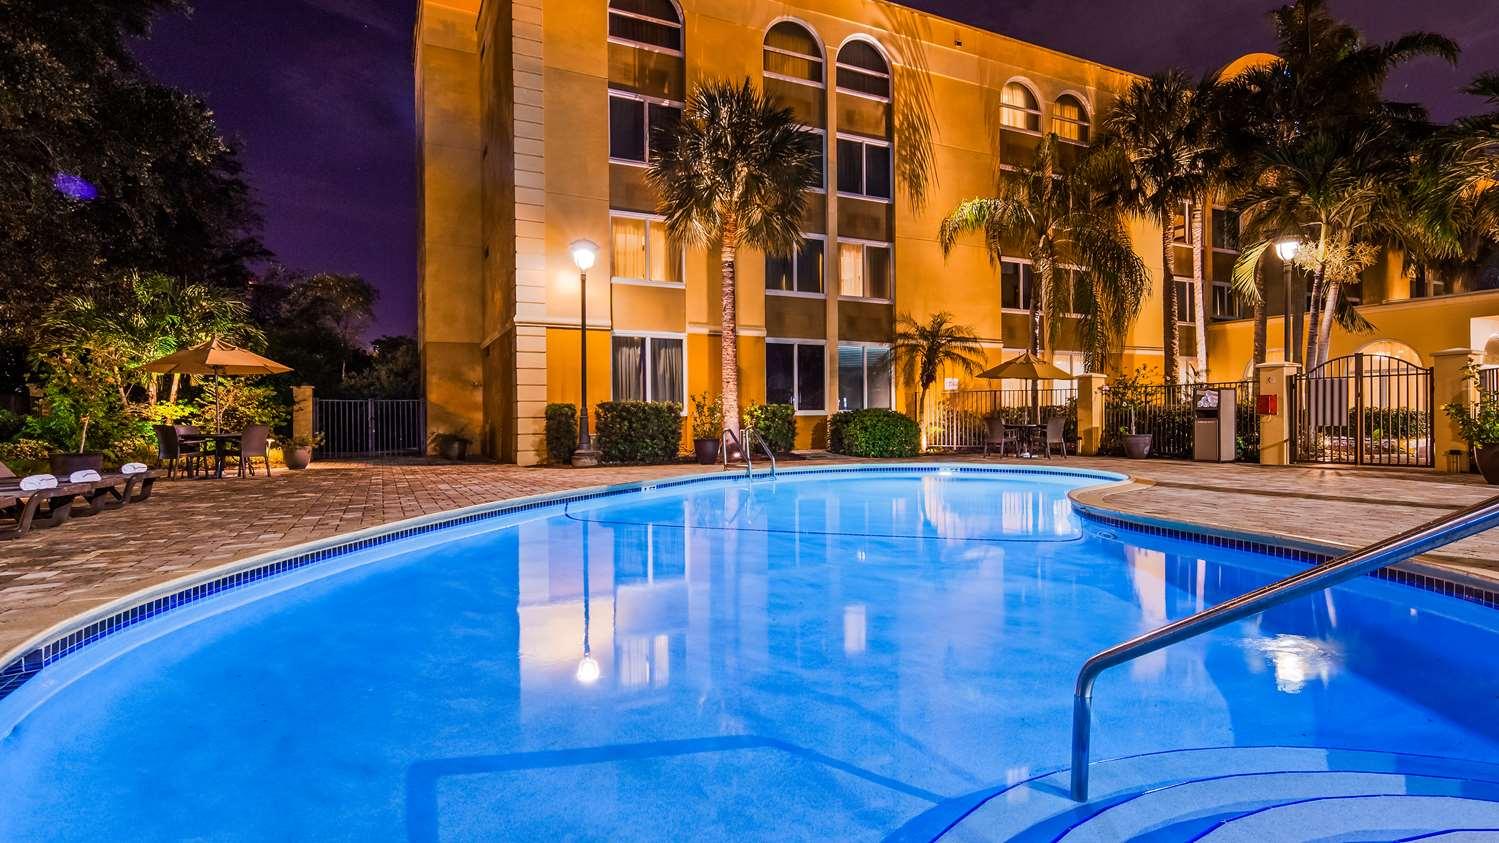 Pet Friendly Hotels Ft Lauderdale Fl